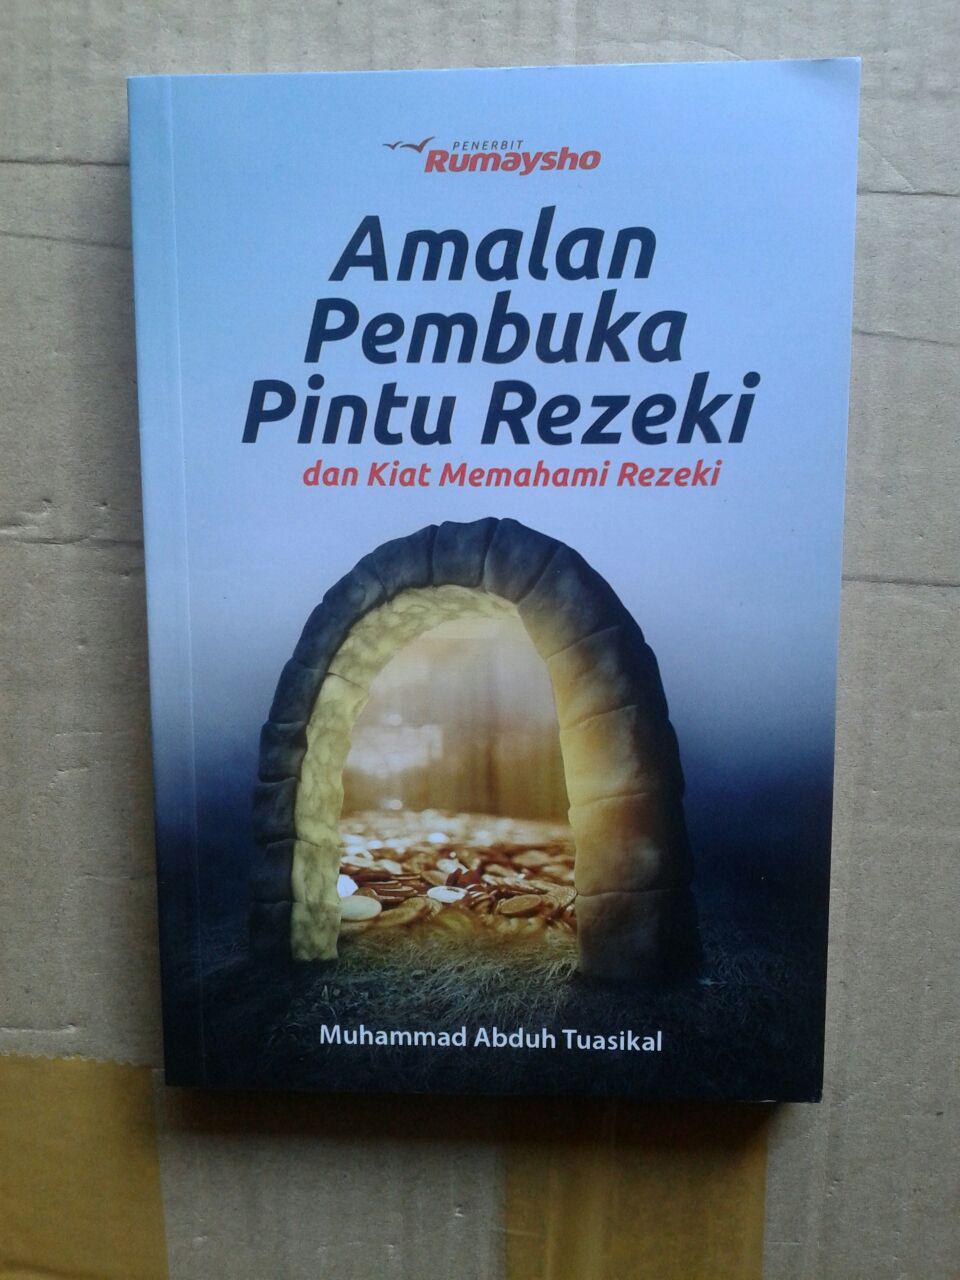 Buku Amalan Pembuka Pintu Rezeki Dan Kiat Memahami Rezeki cover